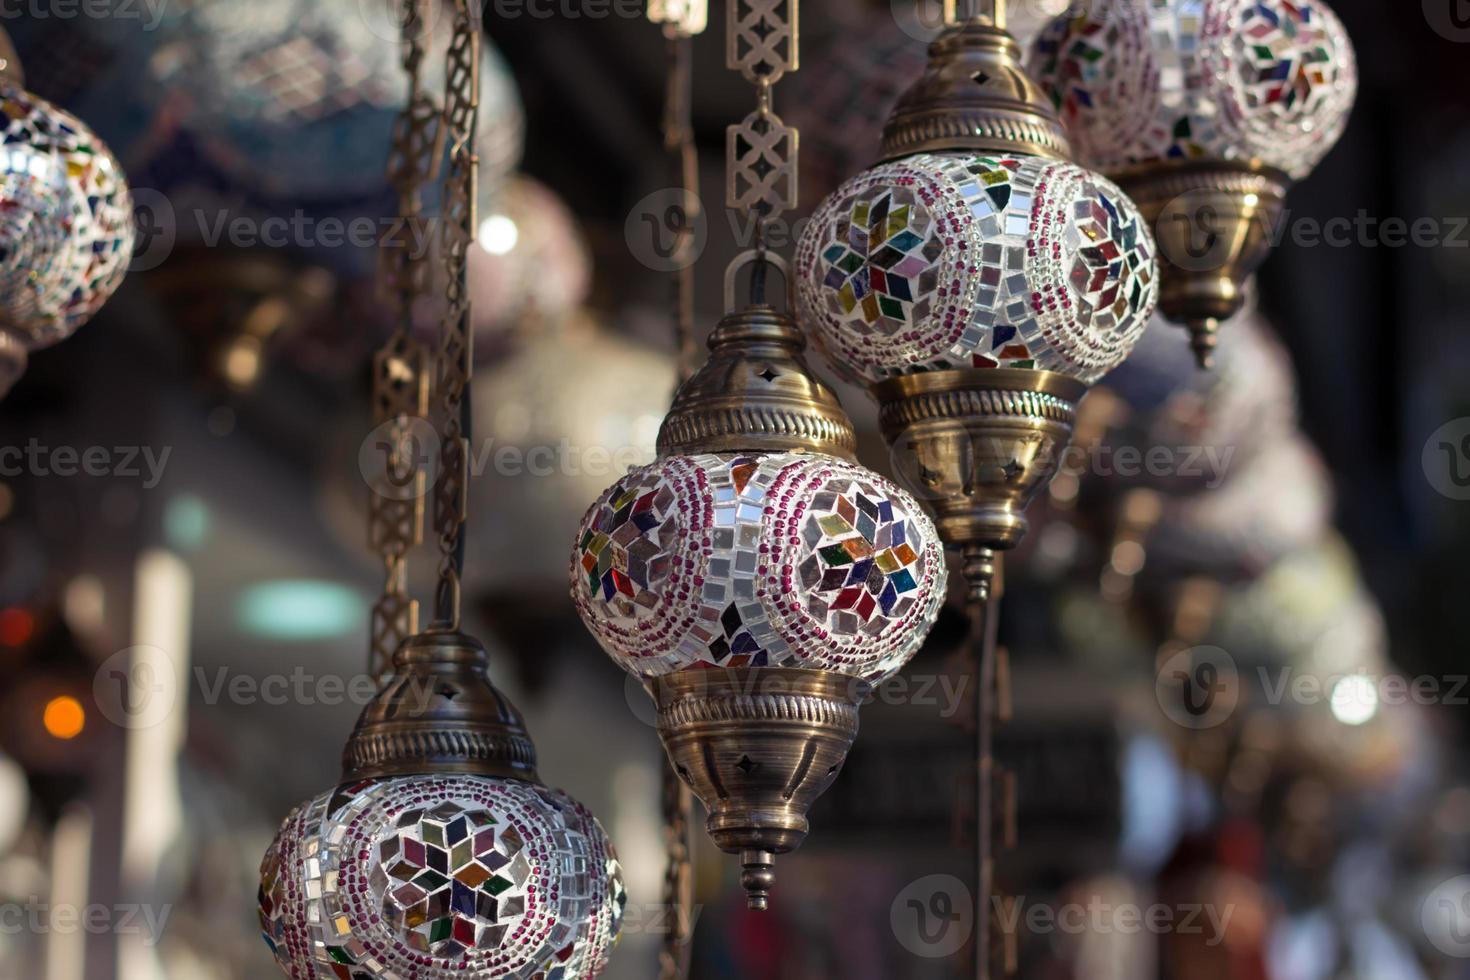 lampade tradizionali turche foto